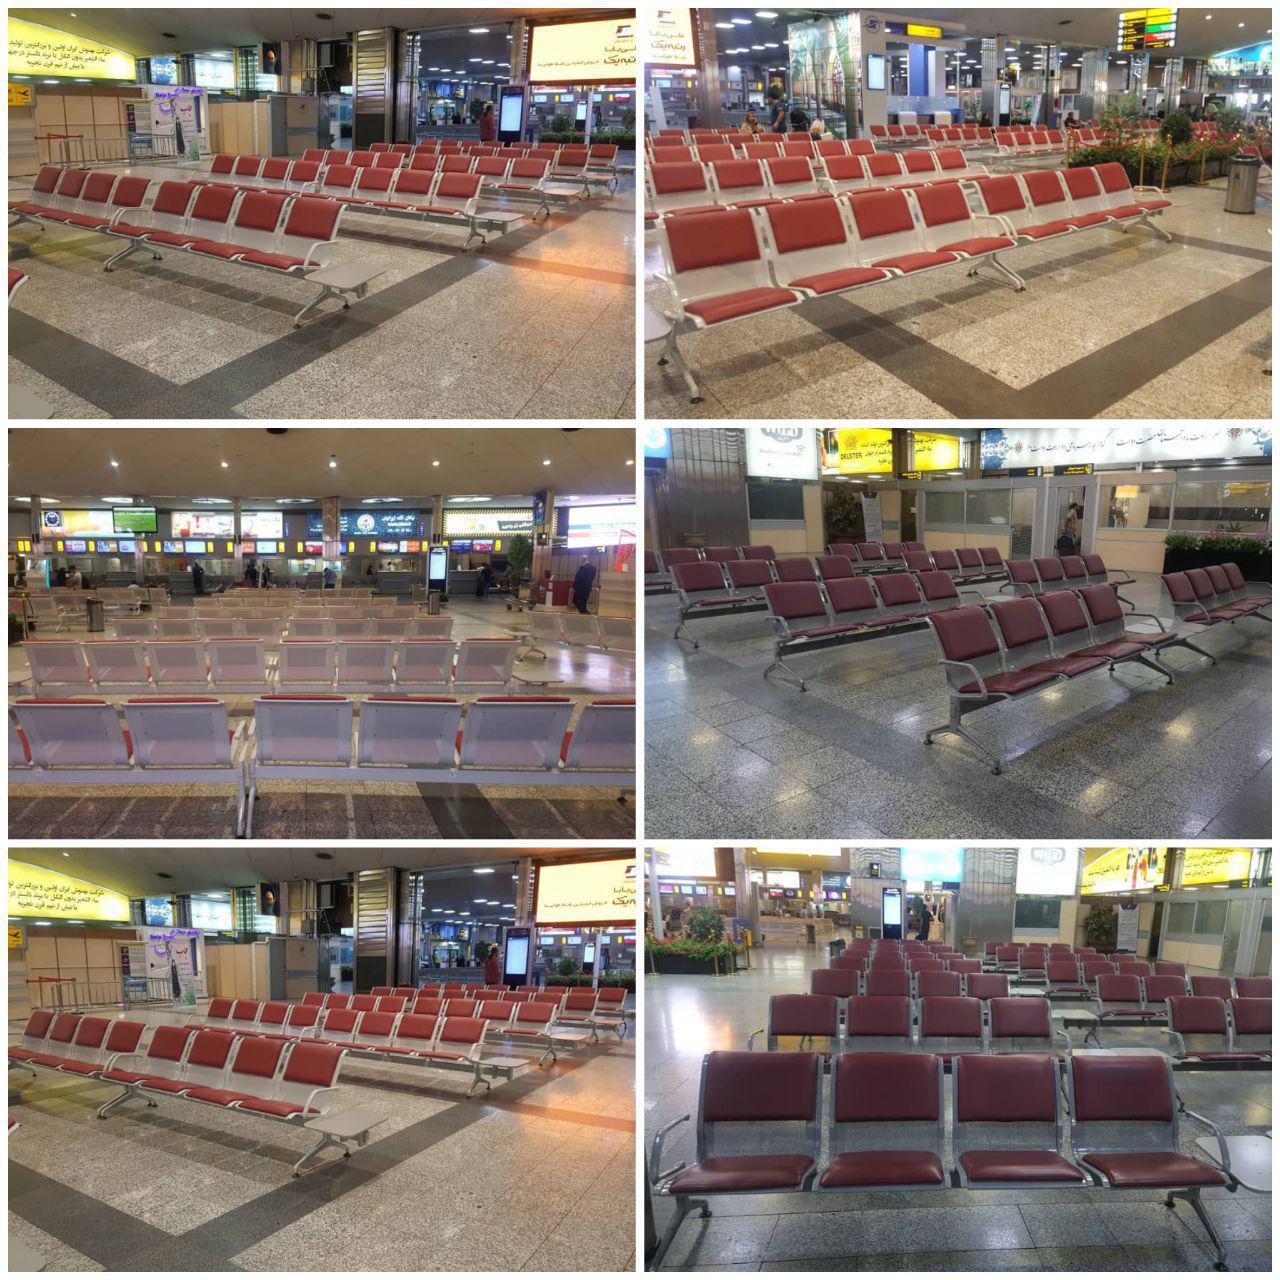 ارتقا خدمات در فرودگاه مهرآباد تهران + عکس